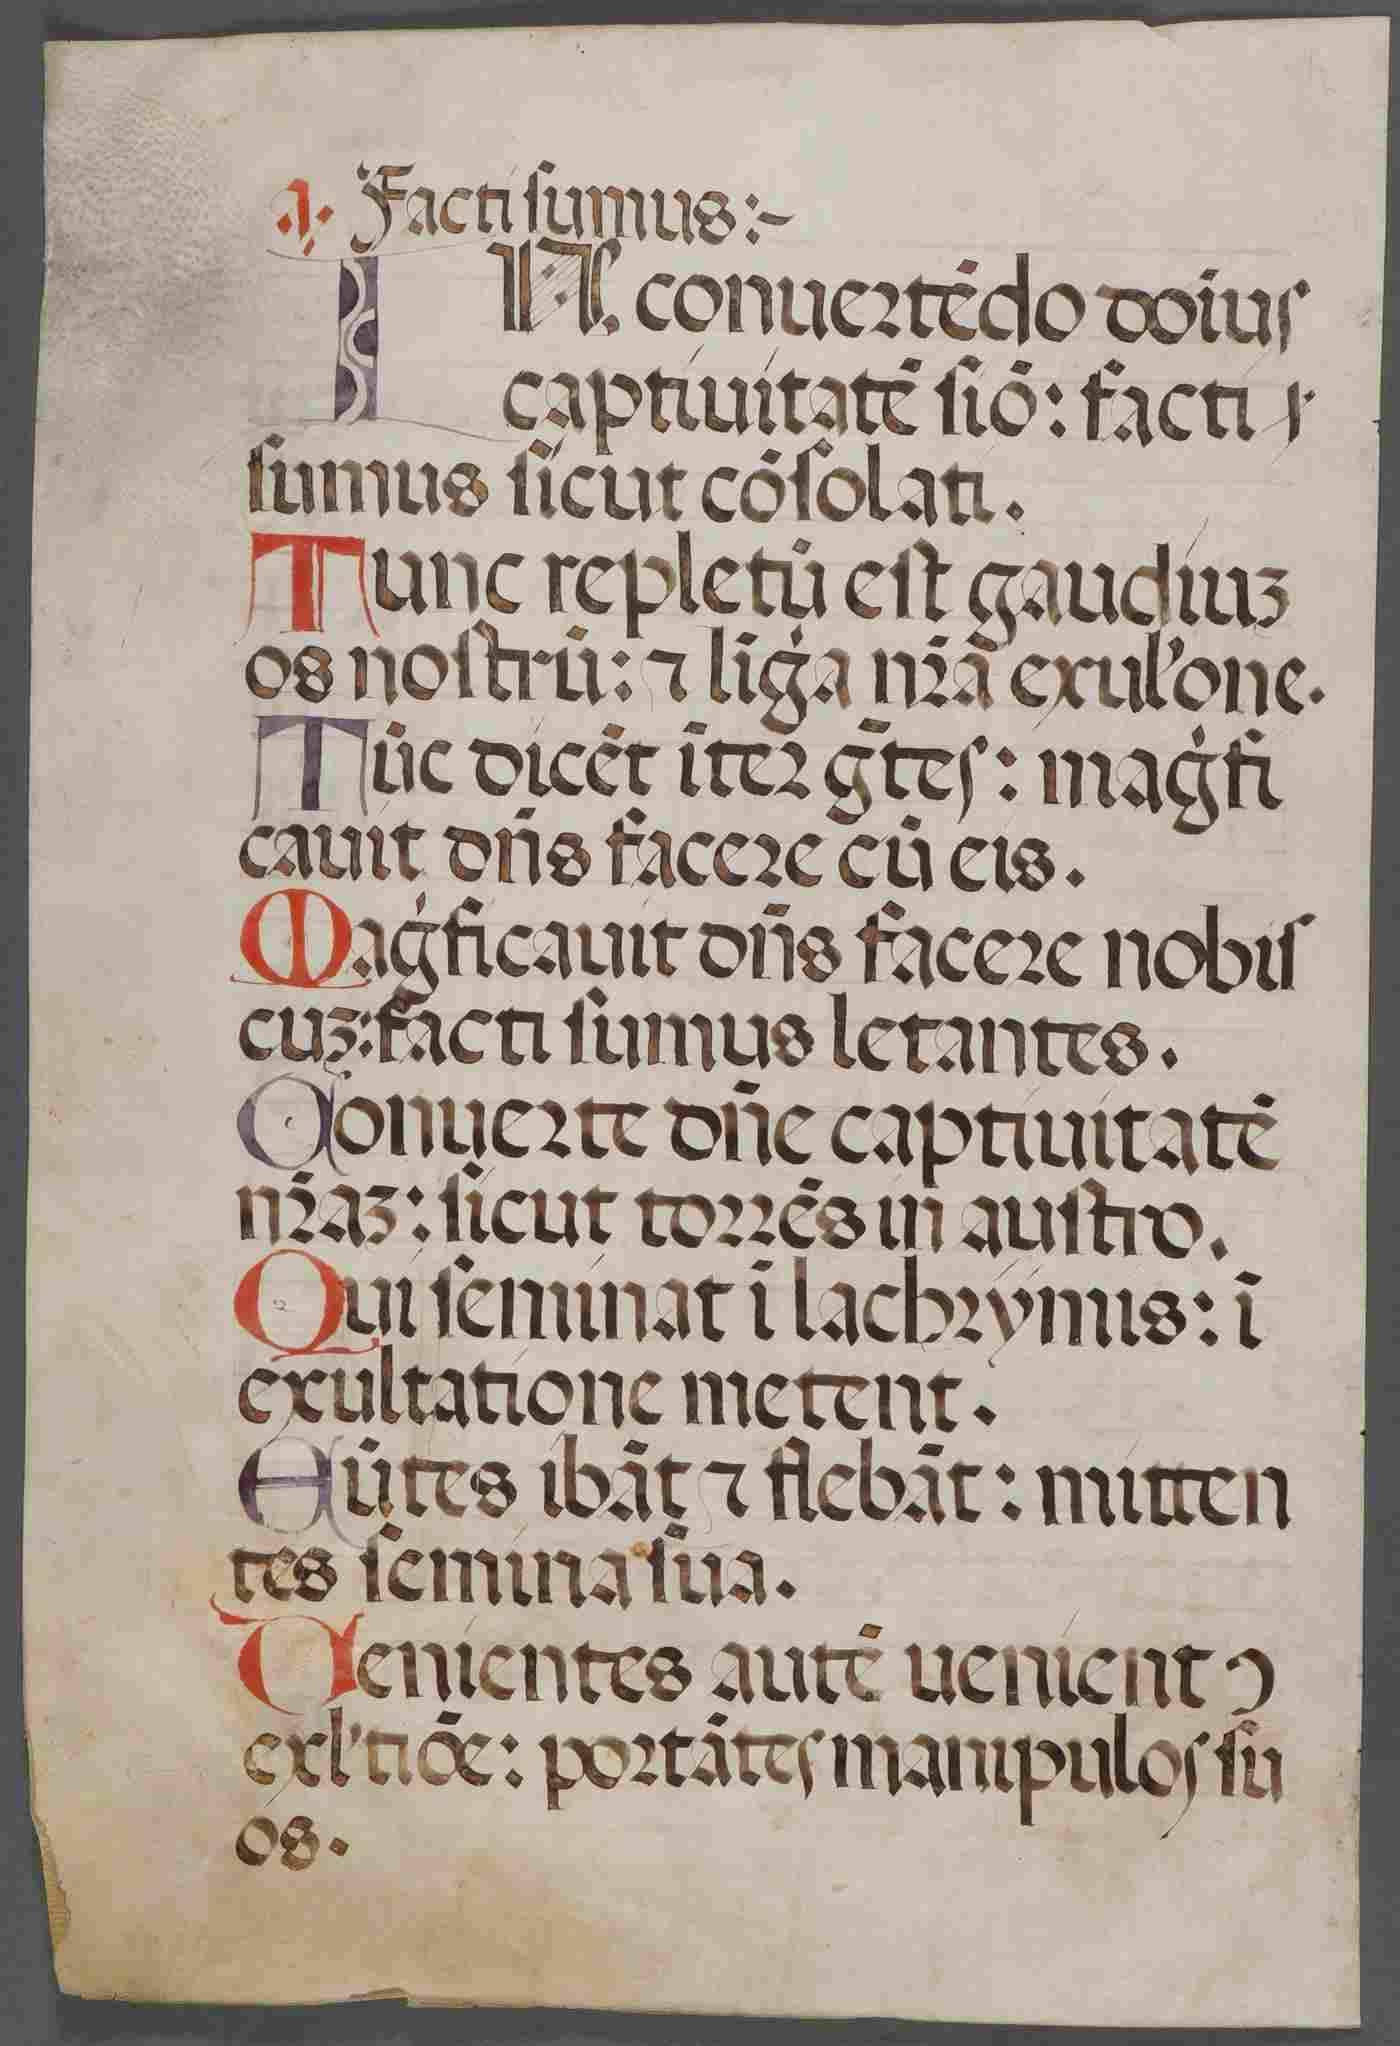 7 MEDIEVAL ILLUMINATED LEAVES C 1500-1650